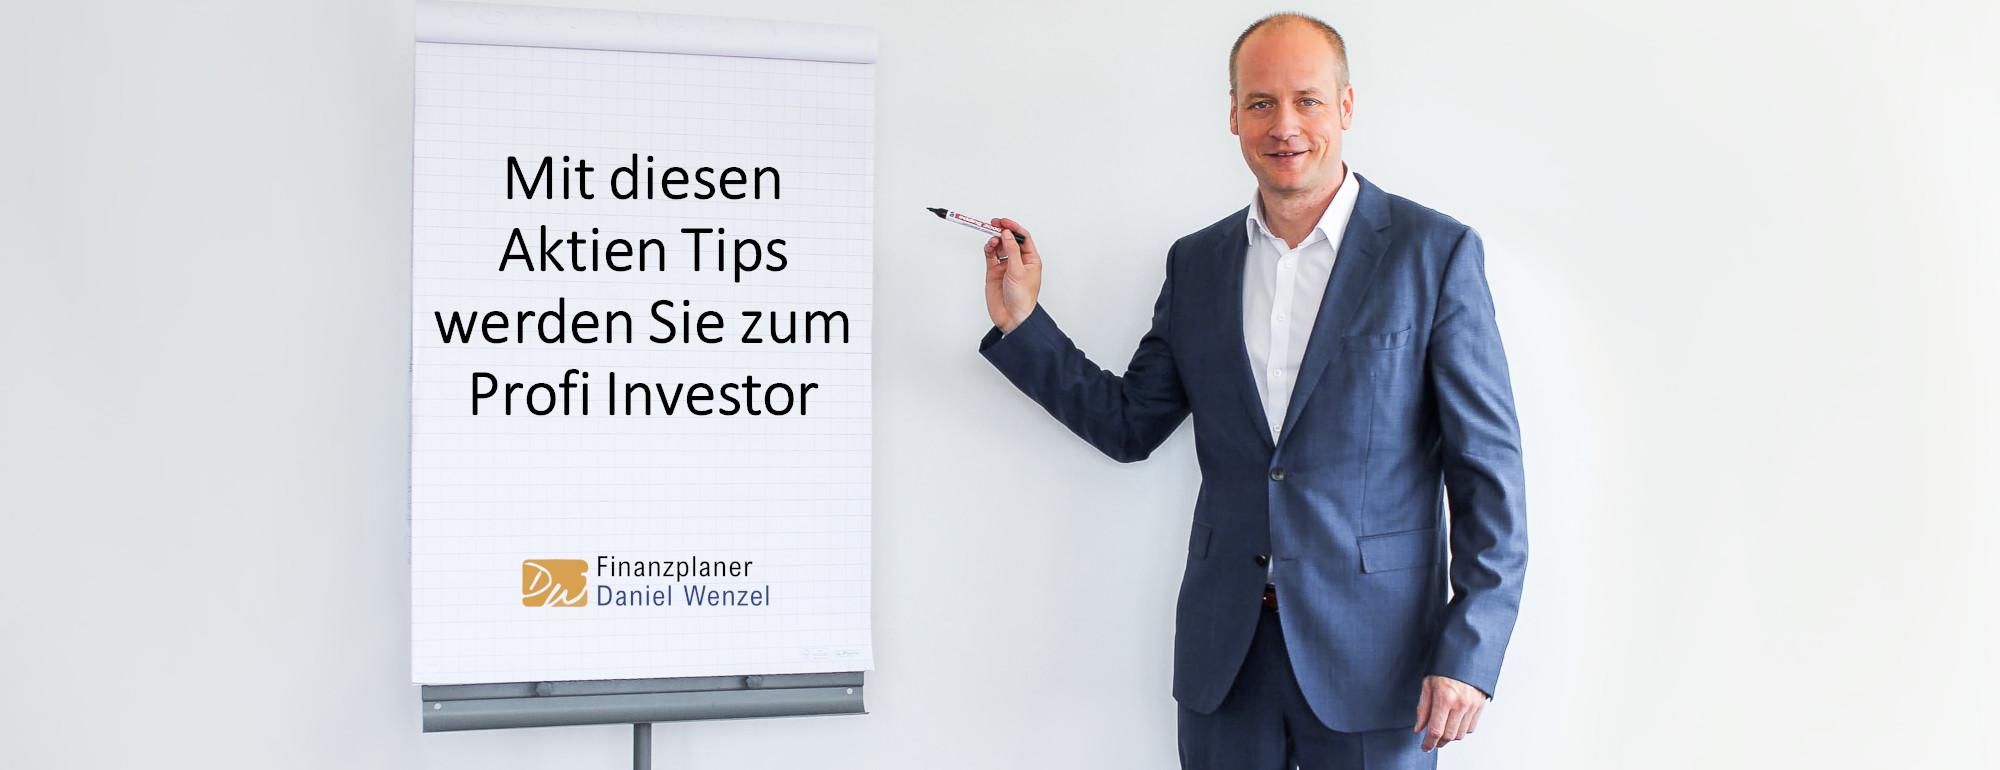 Mit diesen Aktien Tips werden Sie zum Profi Investor